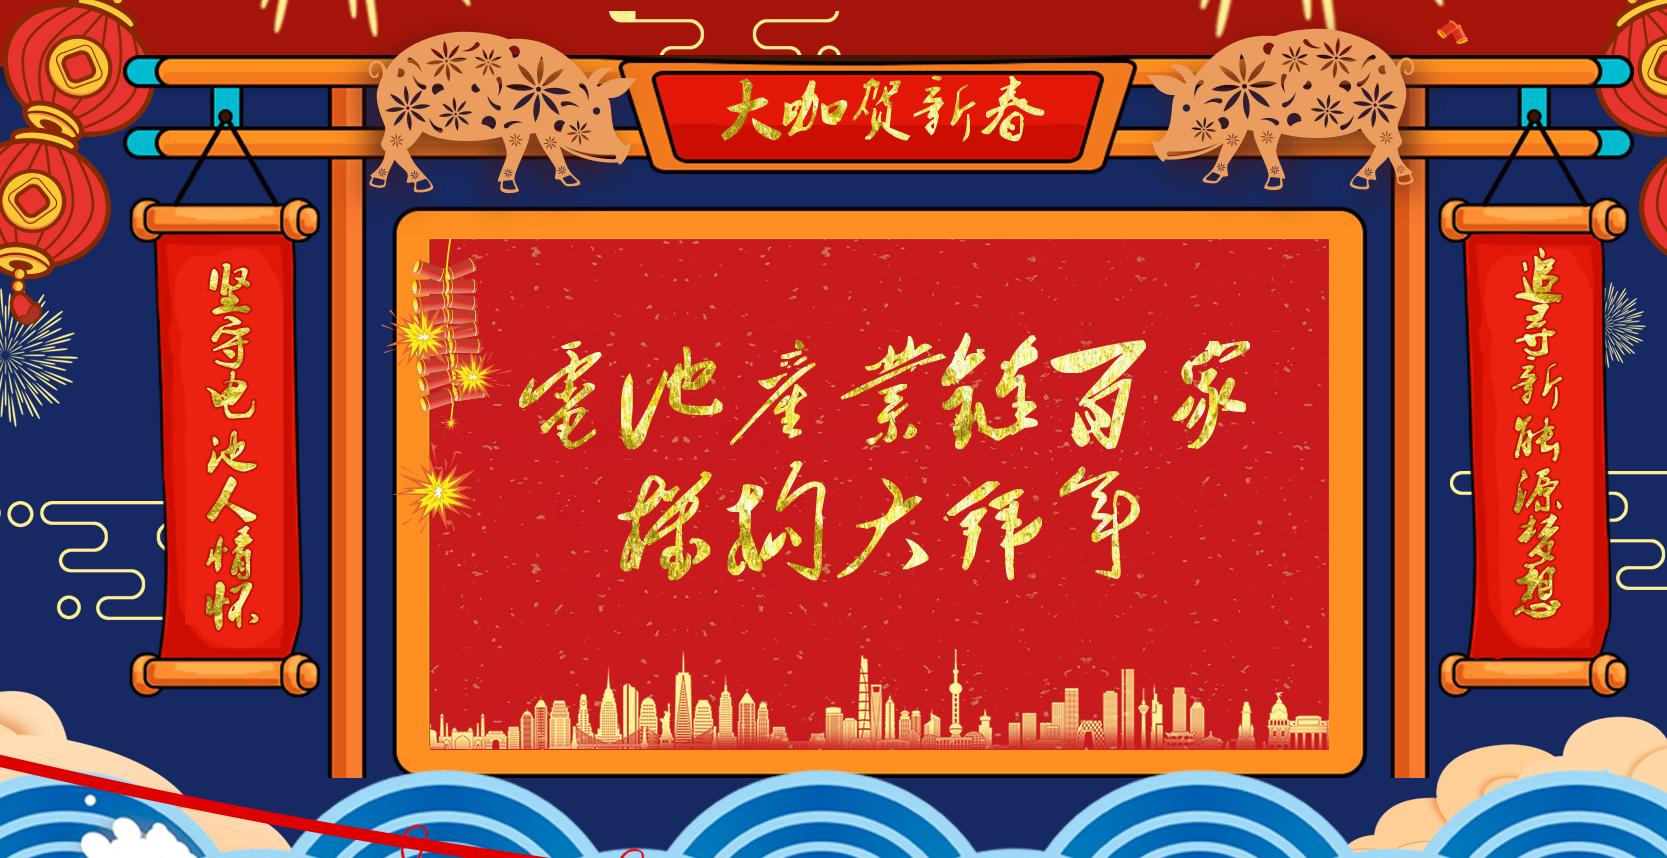 迎迎新春2019中国ballbet贝博登陆产业链百家机构大拜年